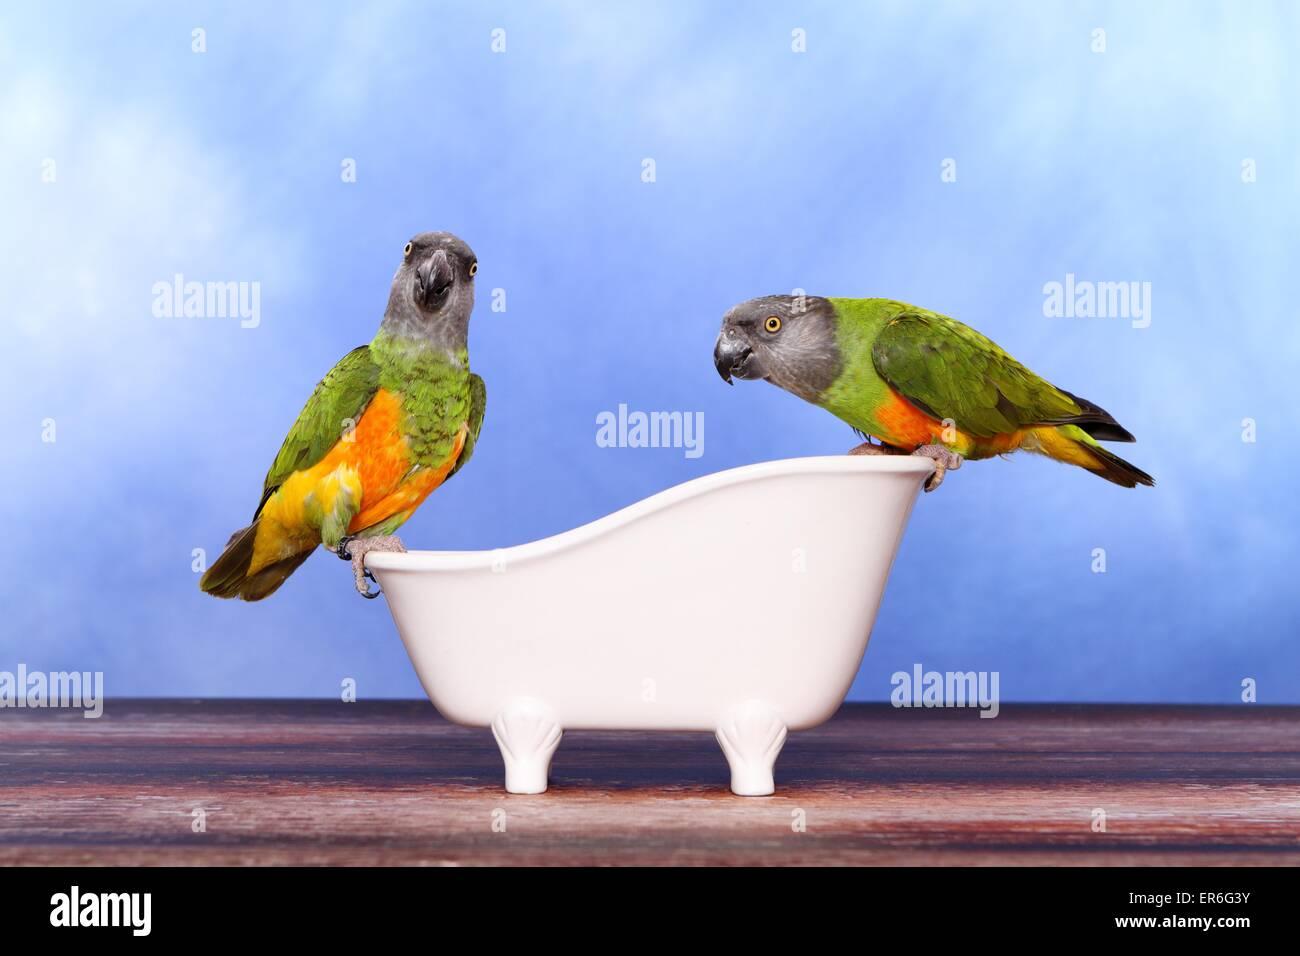 Senegal parrots - Stock Image